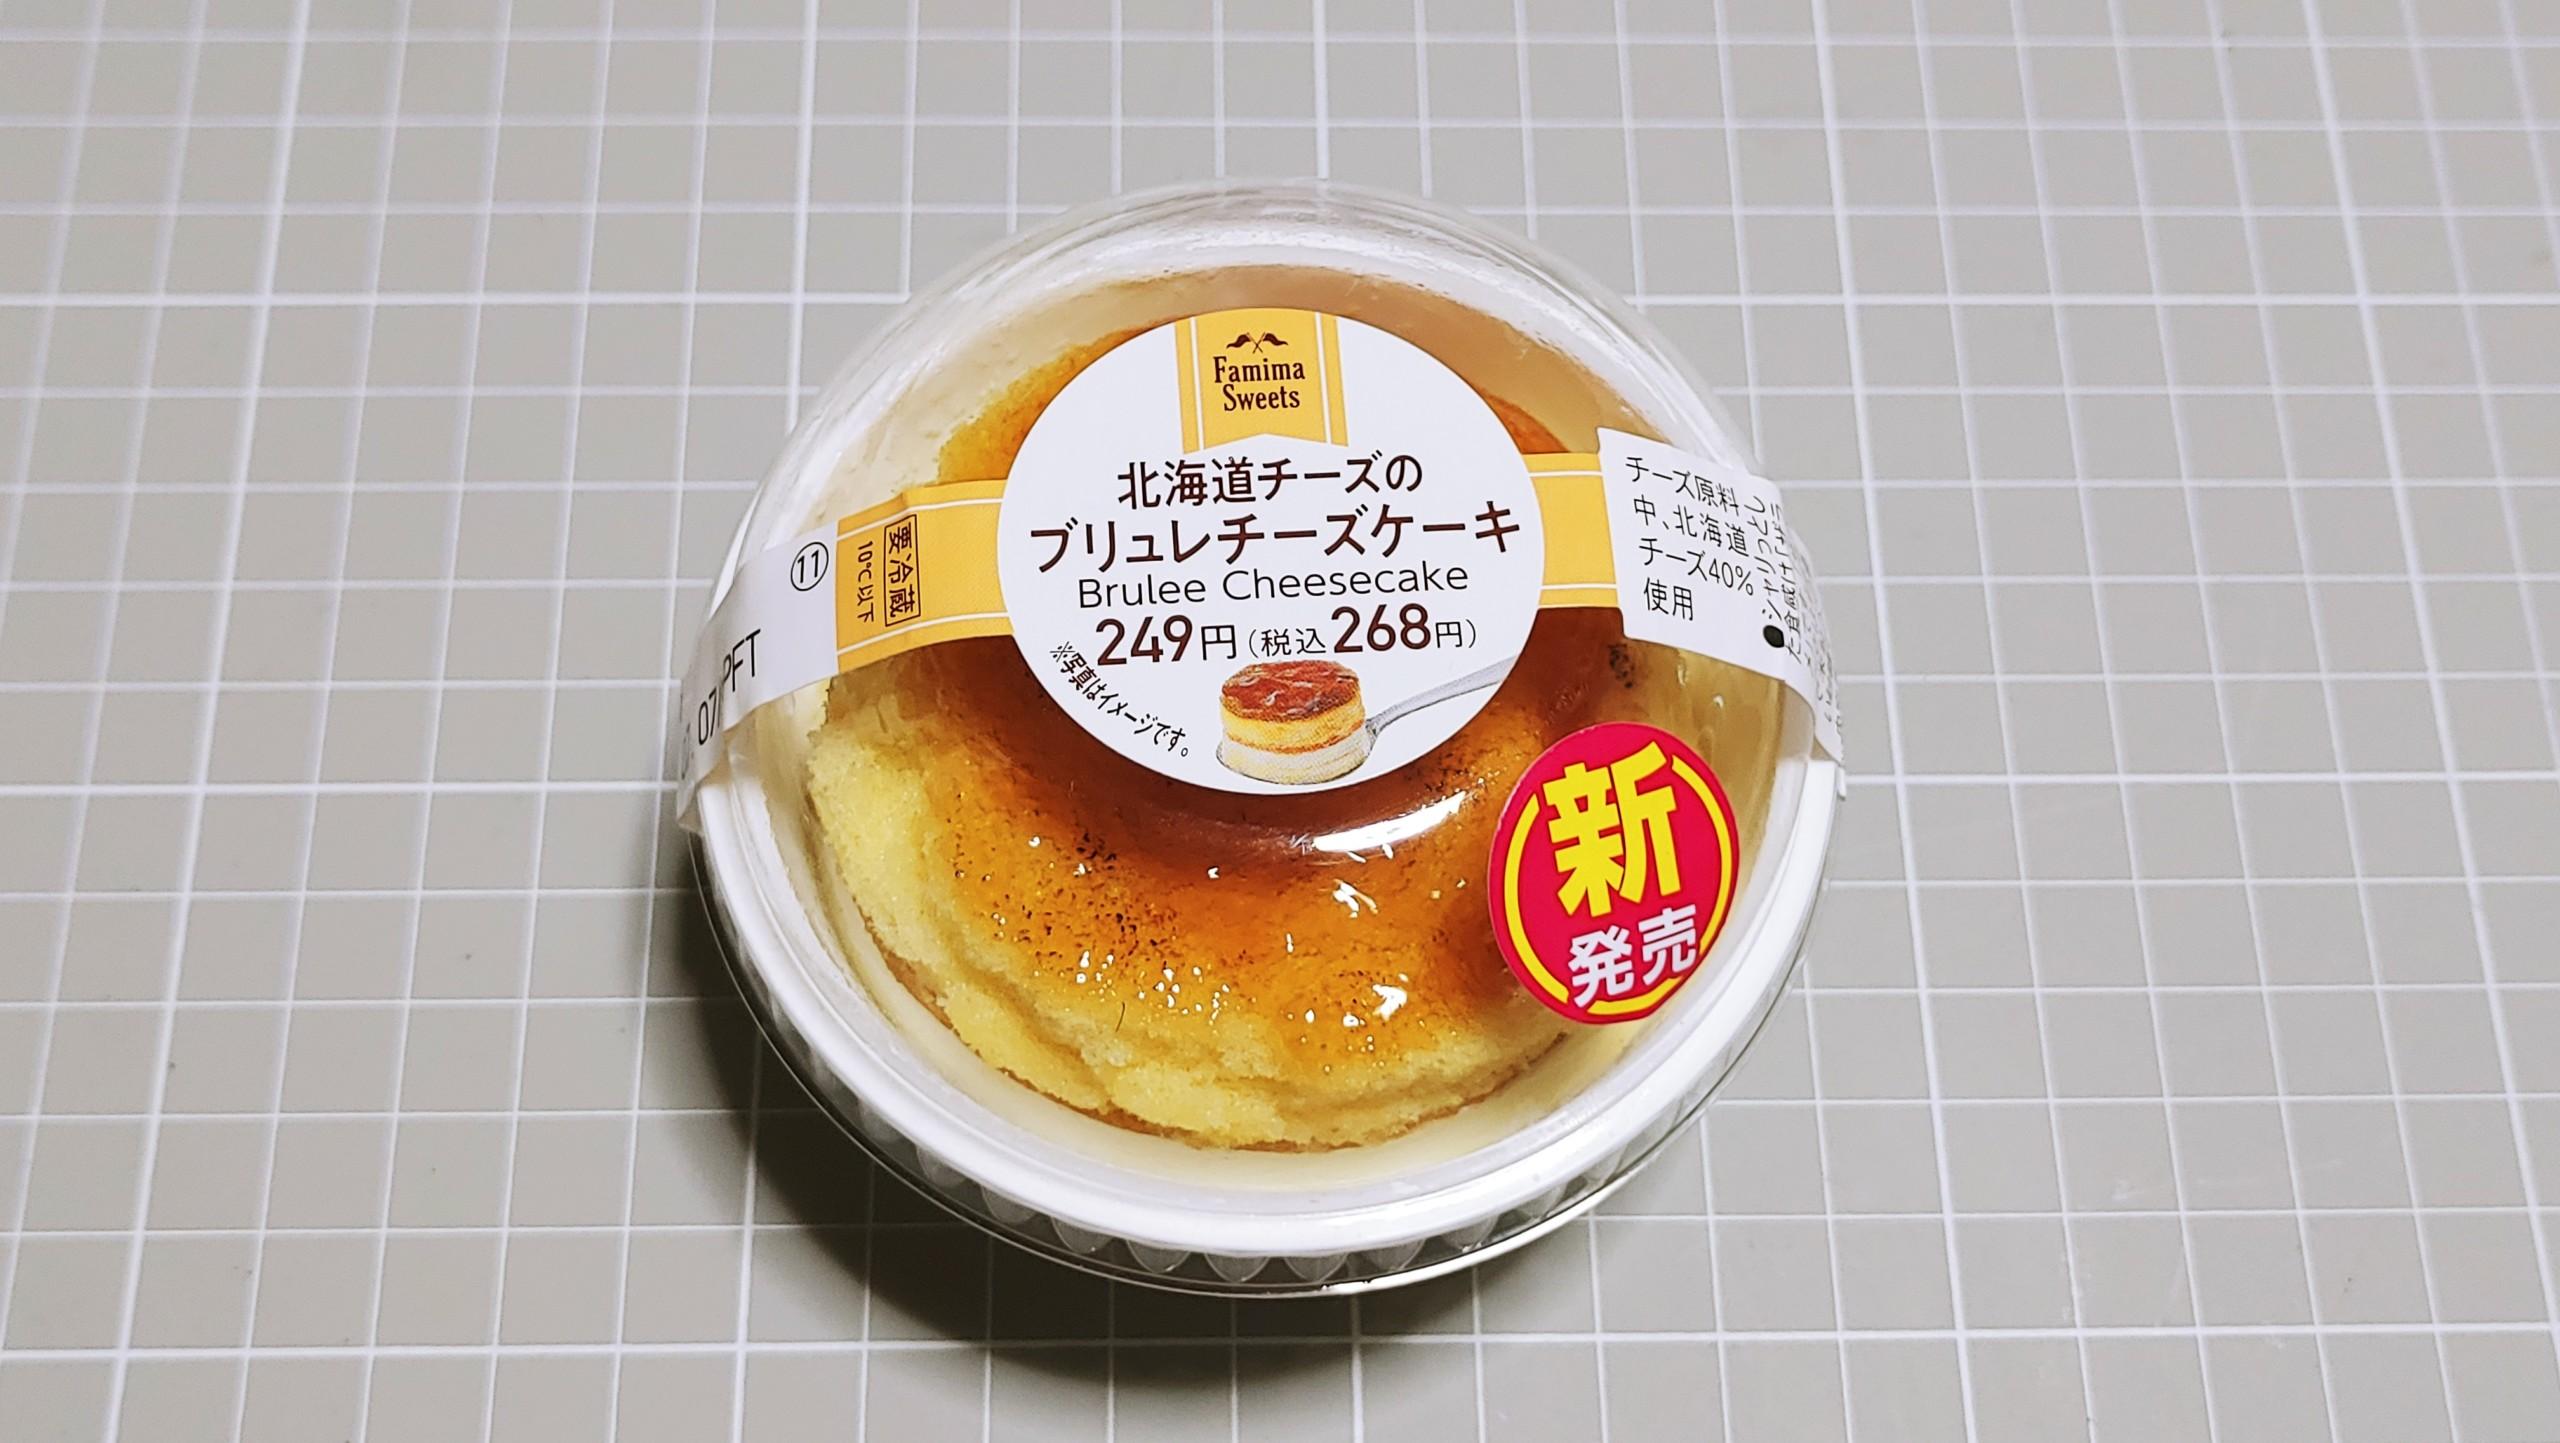 ファミリーマート 北海道チーズのブリュレリーズケーキ